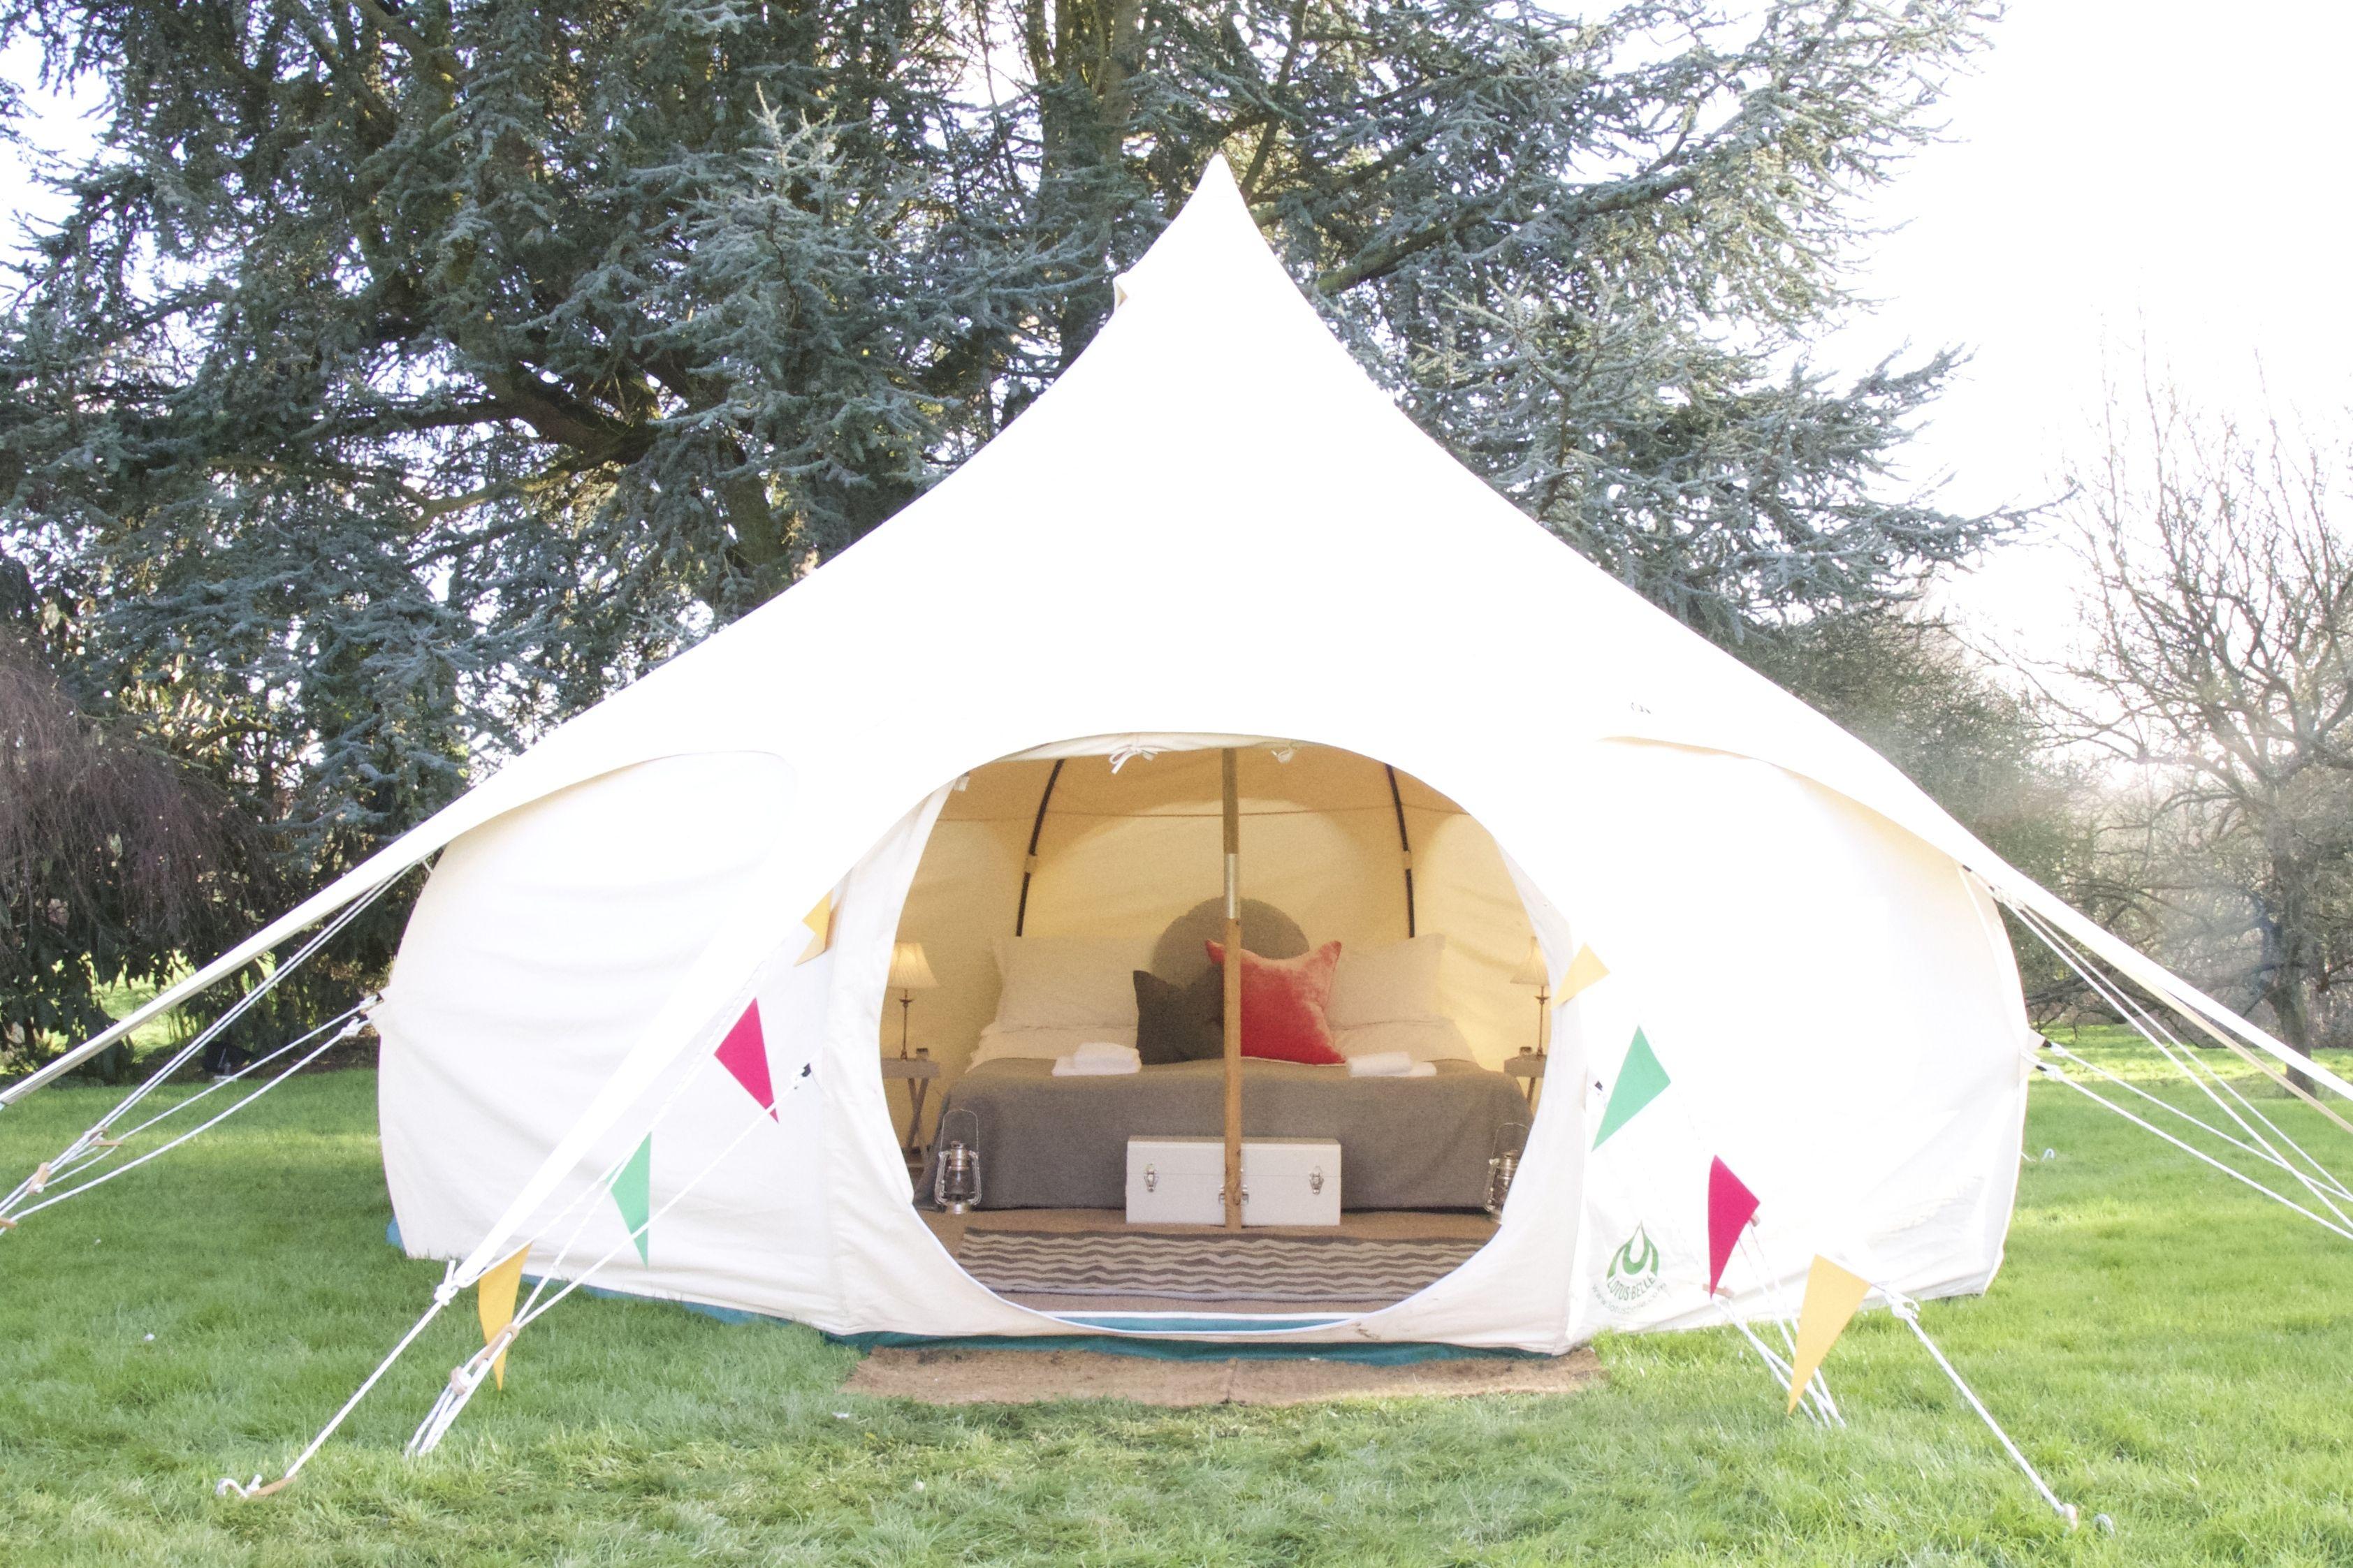 VIP luxury 5 meter Lotus Belle Tent complete with memory foam mattress. & VIP luxury 5 meter Lotus Belle Tent complete with memory foam ...